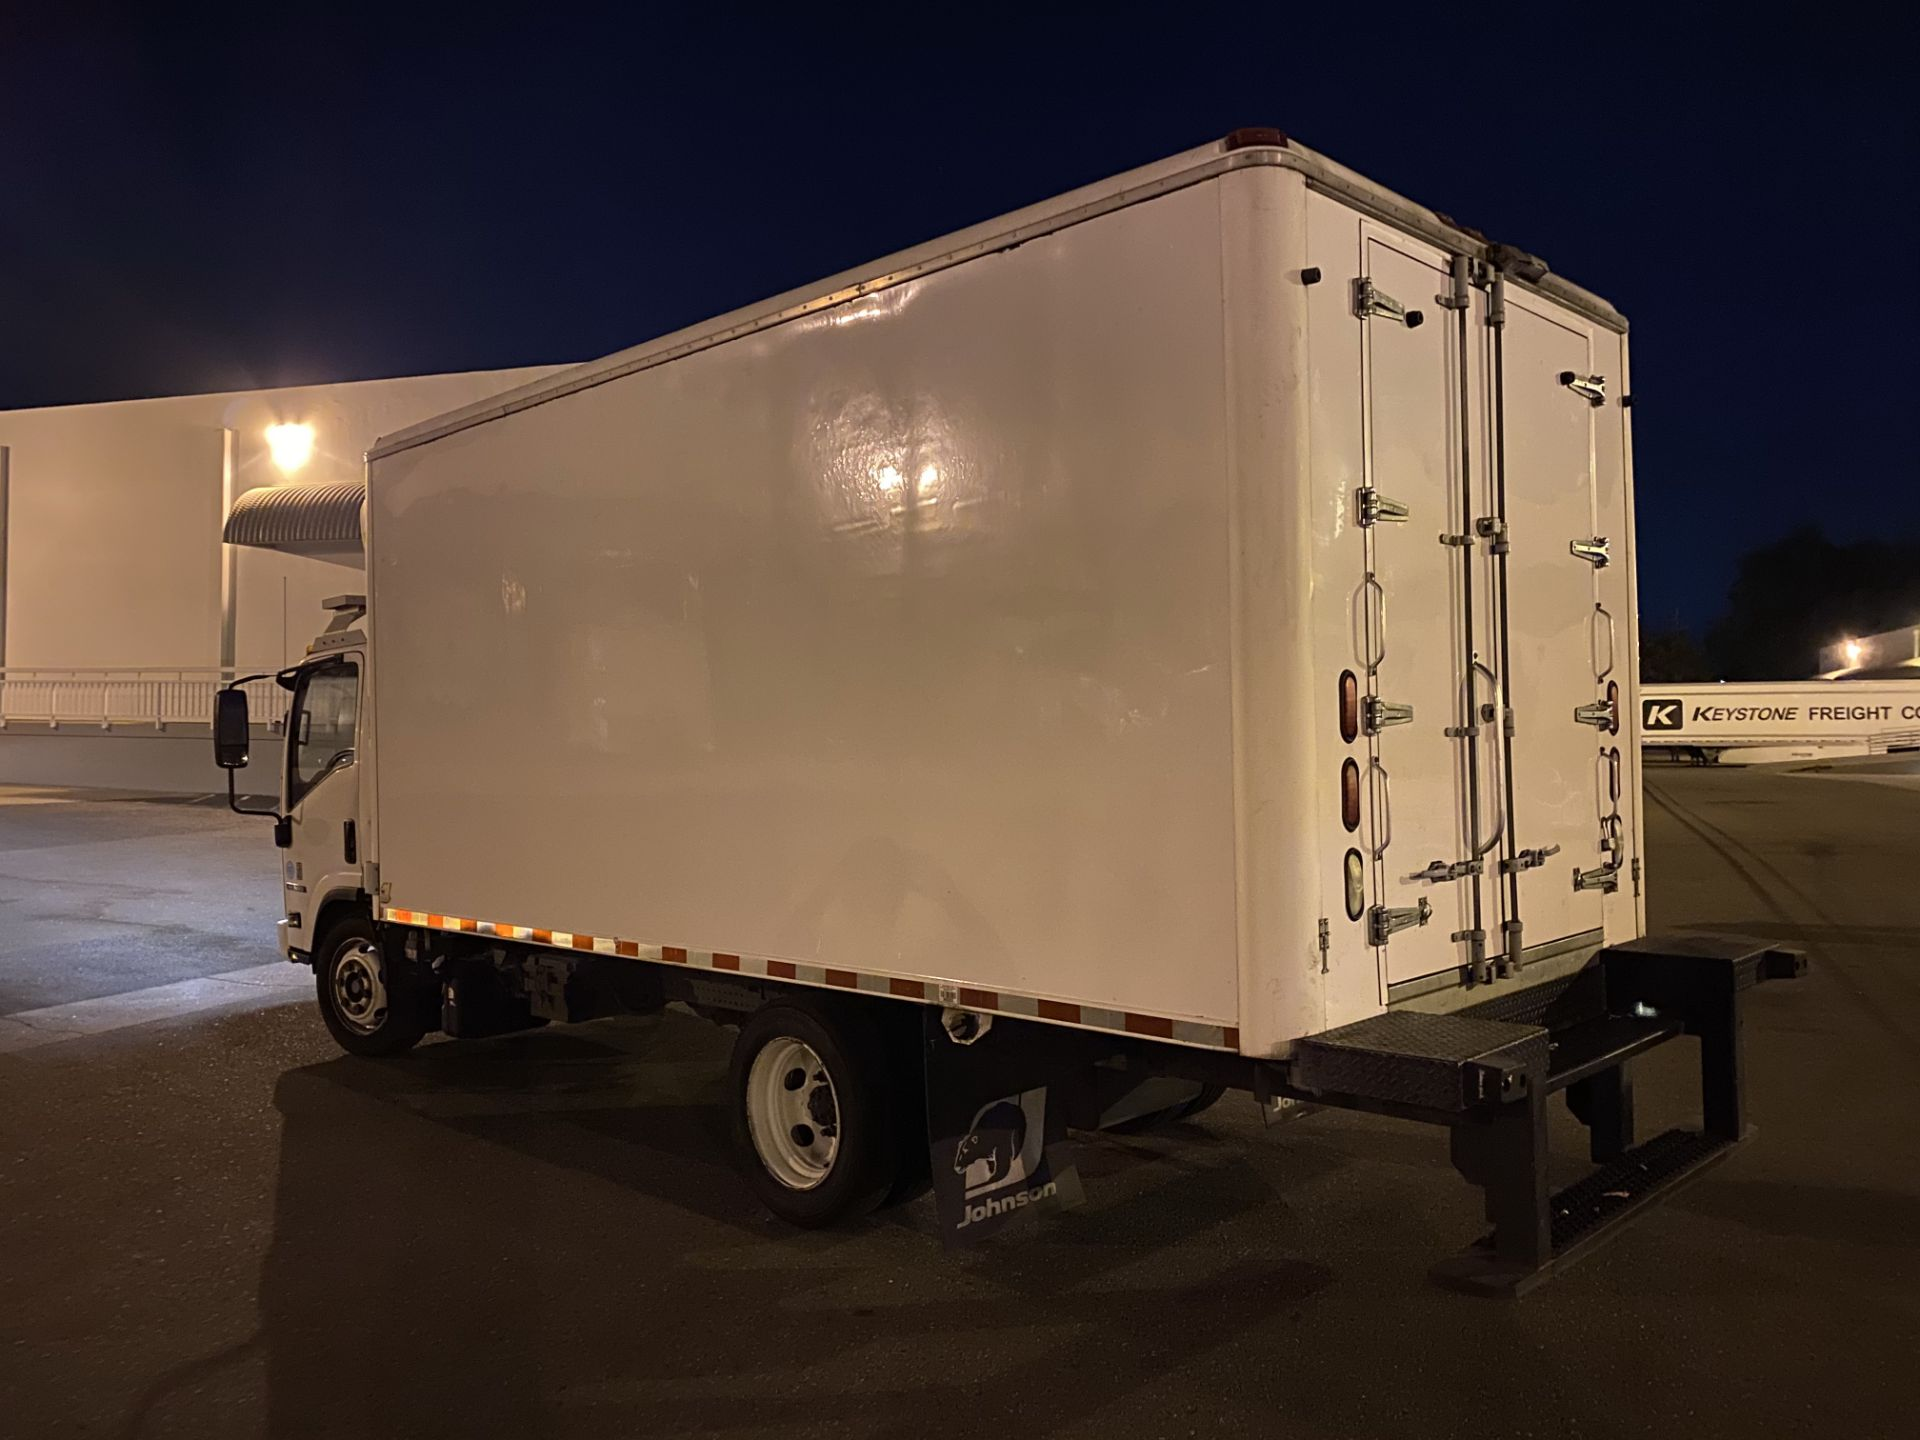 2013 Isuzu refrigerated truck - Image 2 of 9